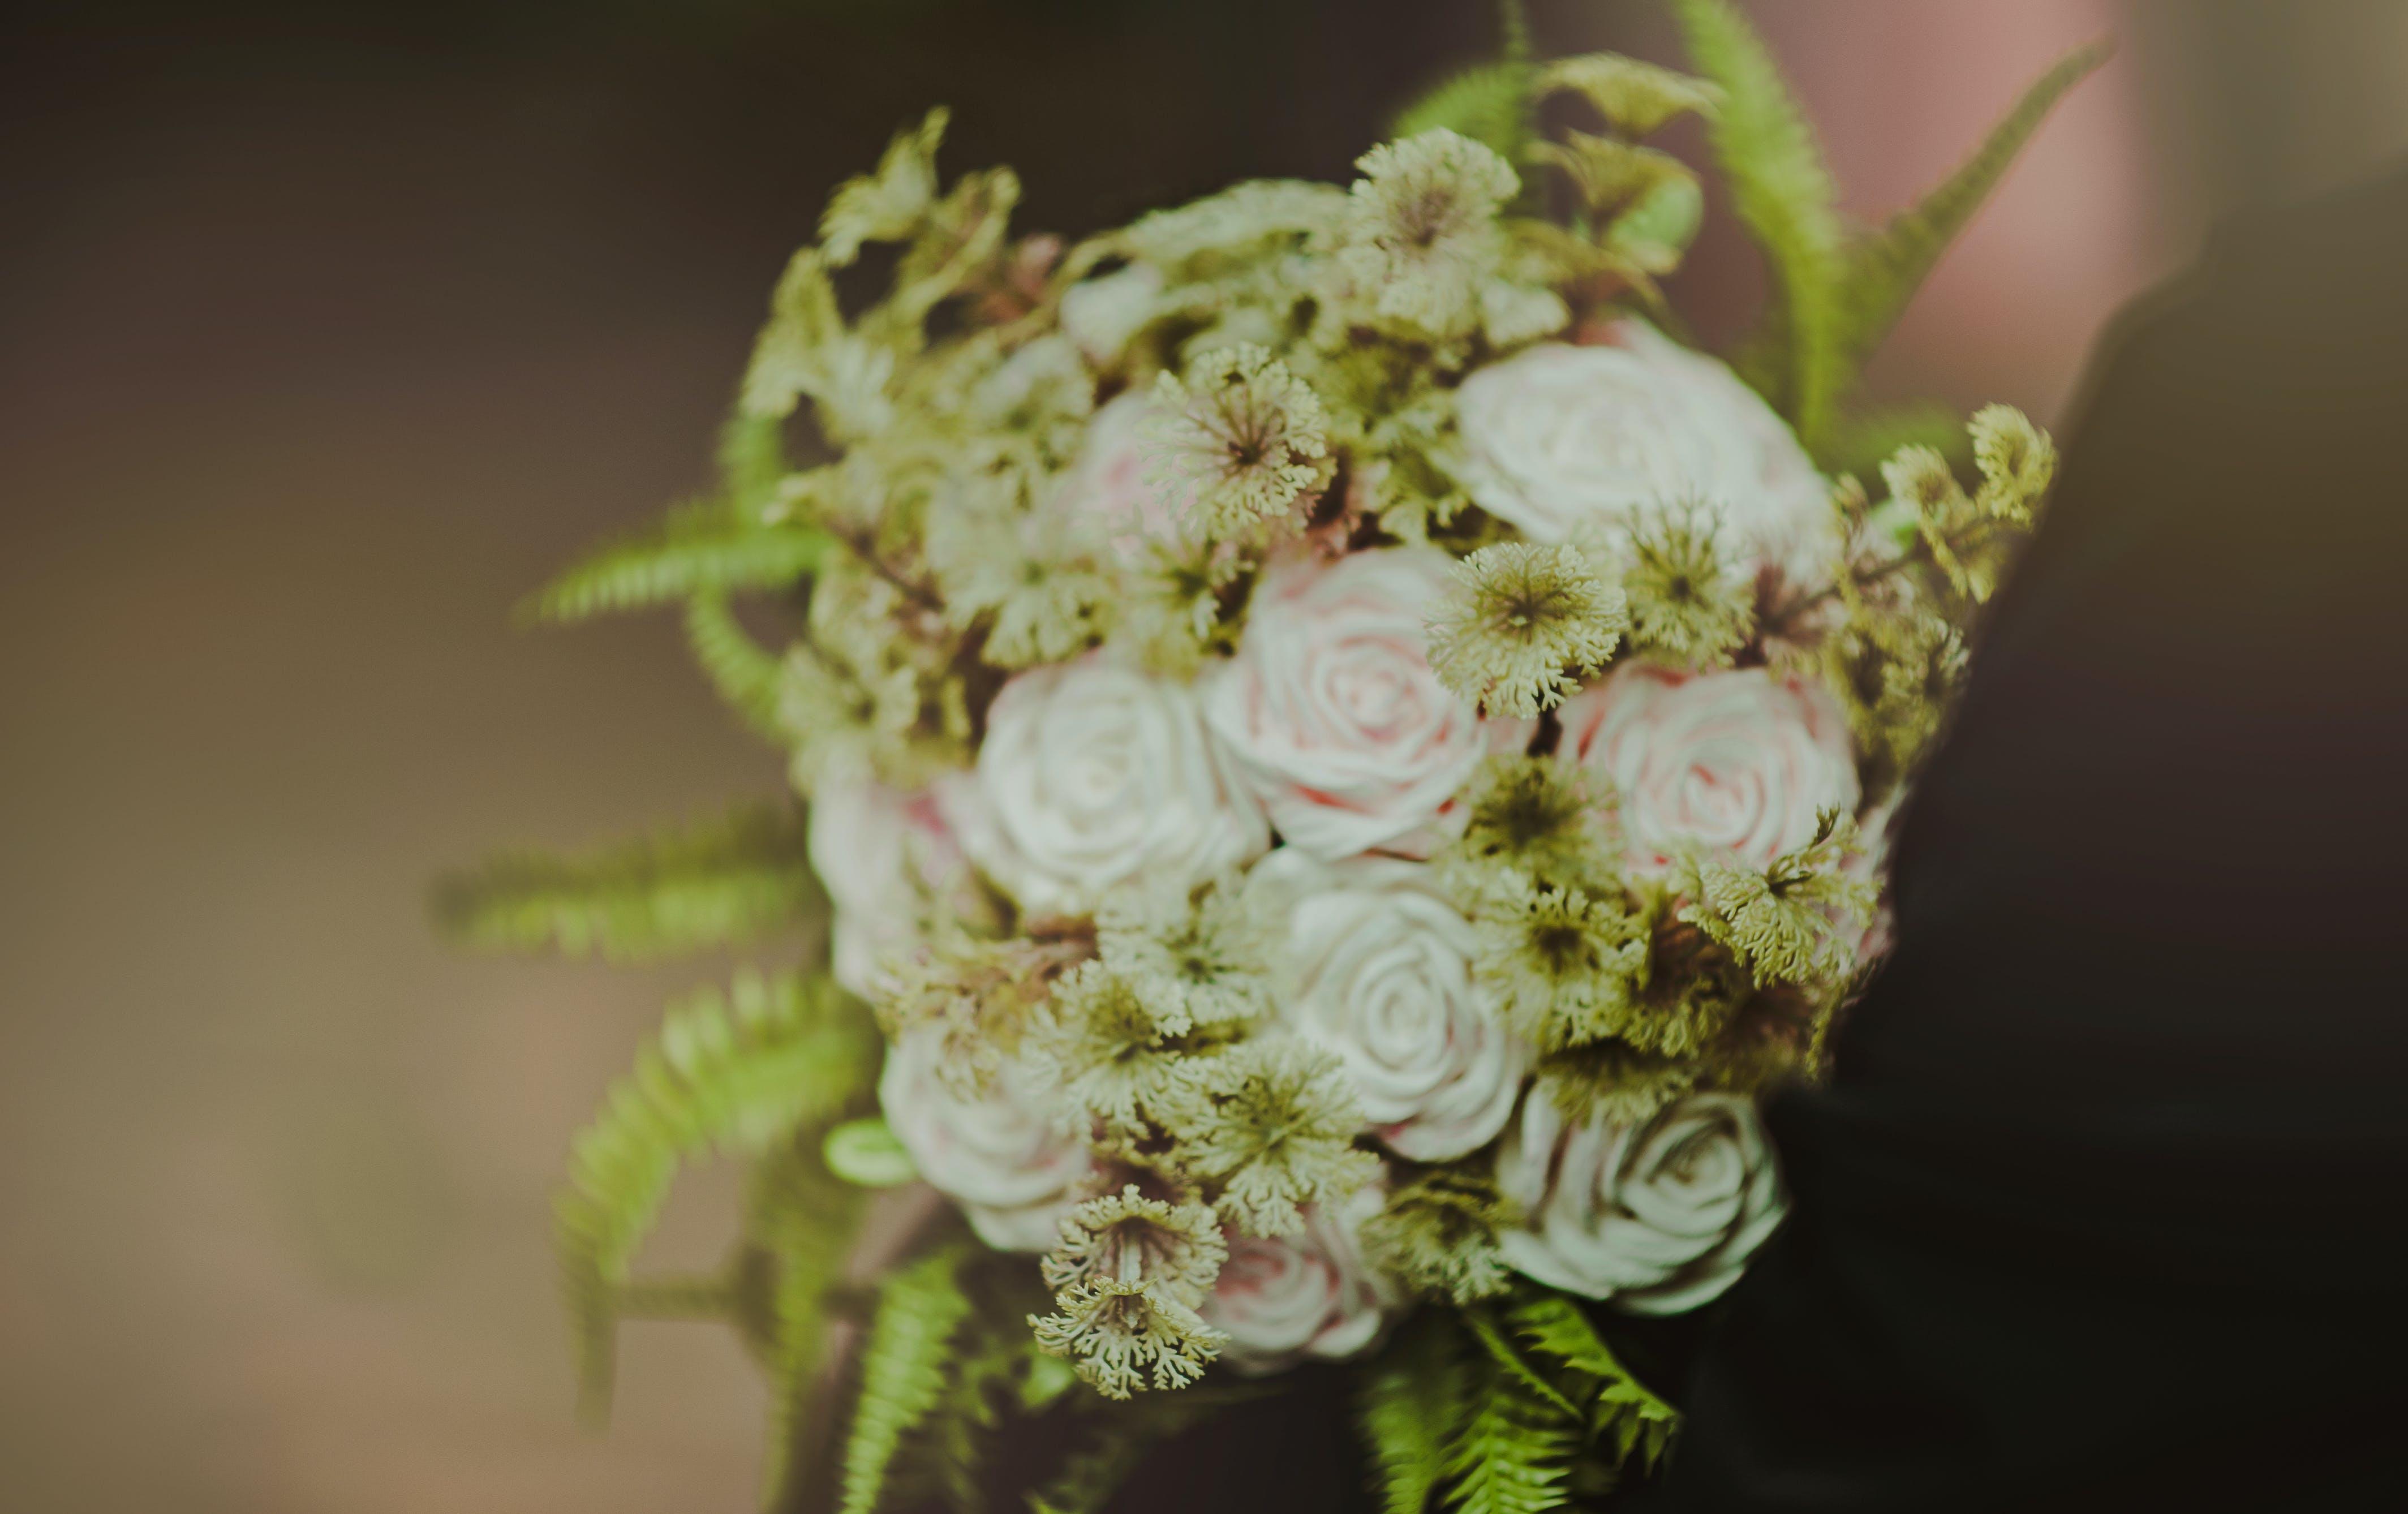 Δωρεάν στοκ φωτογραφιών με ανθίζω, ανθισμένος, άνθος, γαμήλια τελετή